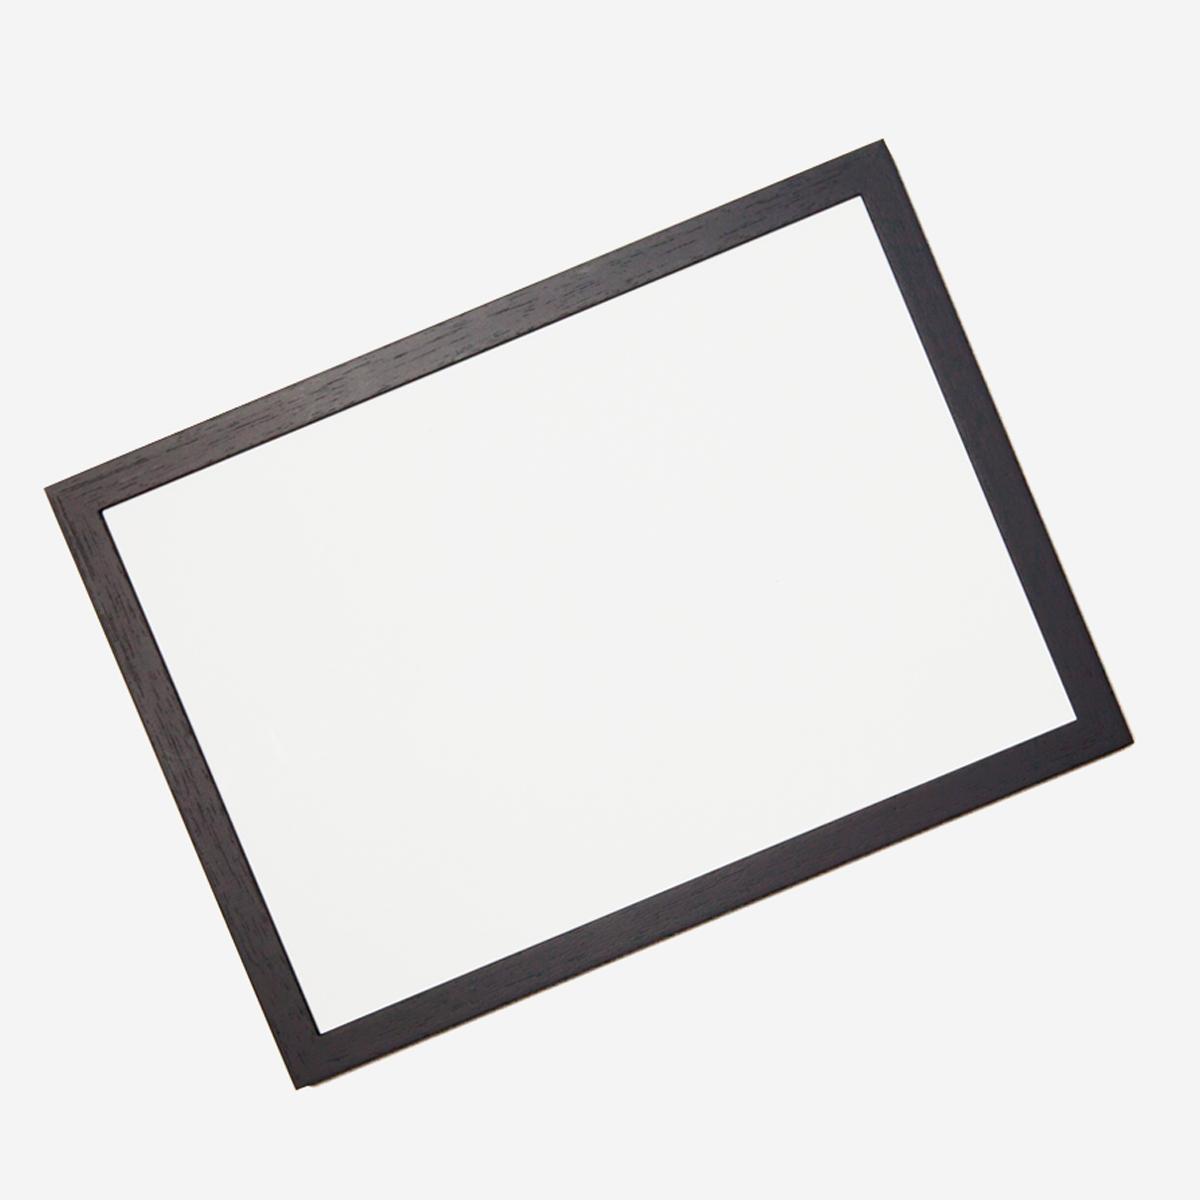 rikiki grafik produkt bilderrahmen anthrazit 21 30 cm. Black Bedroom Furniture Sets. Home Design Ideas